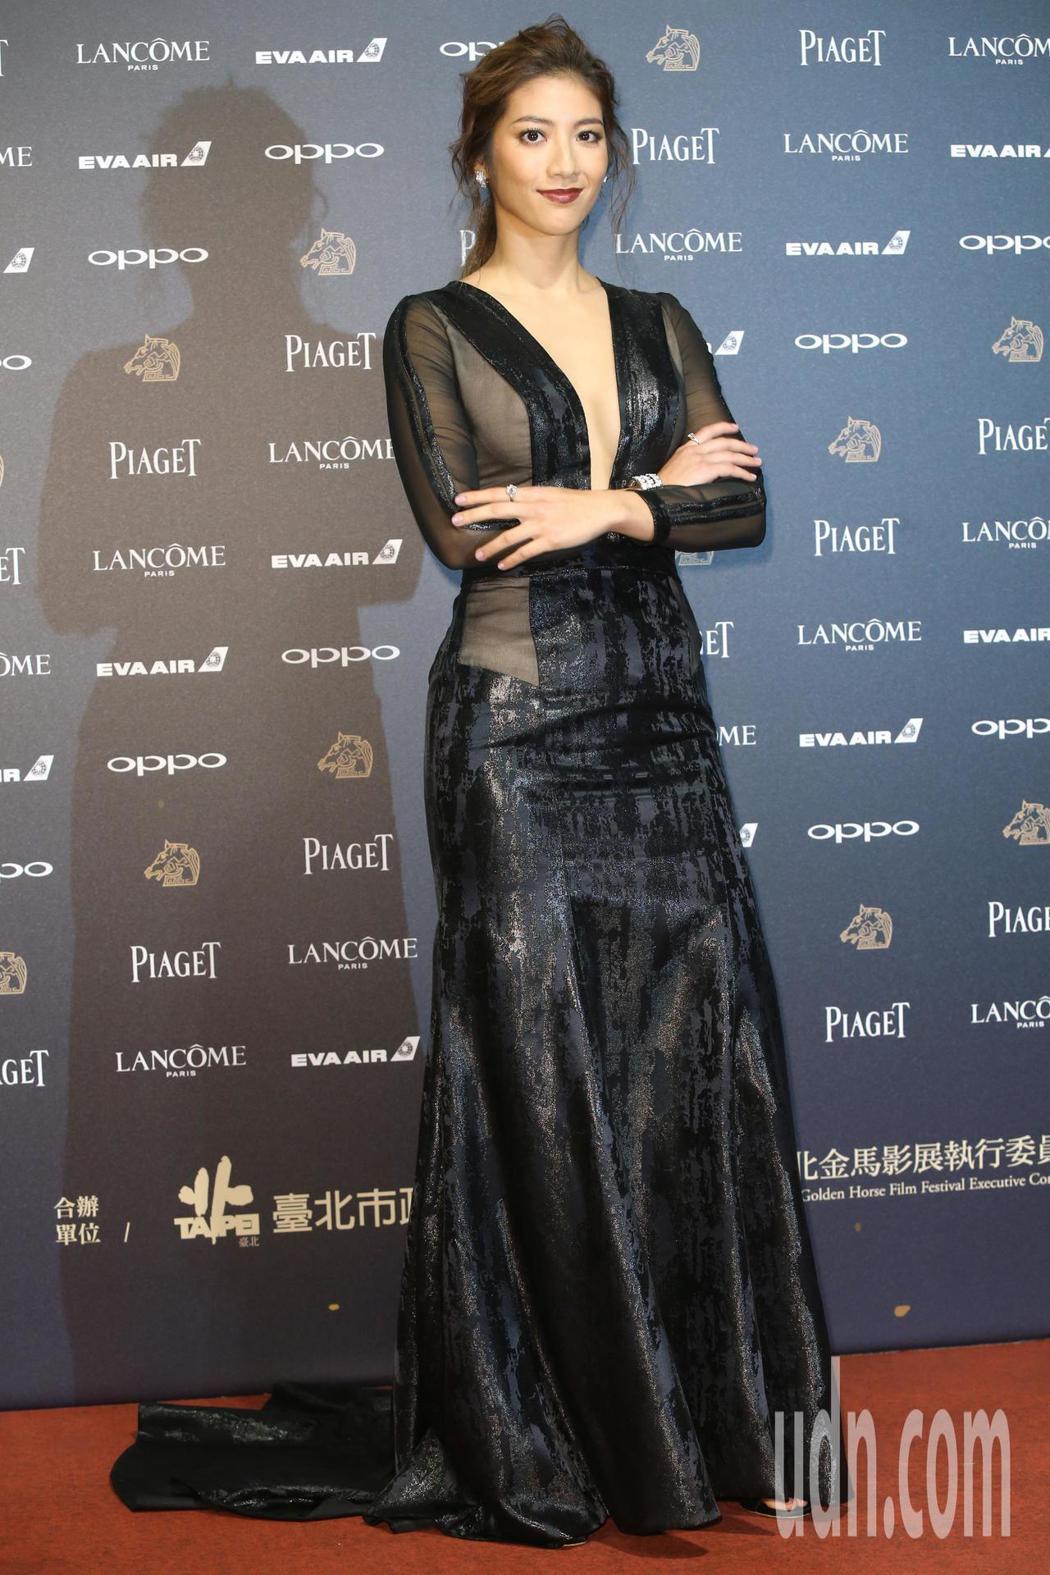 入圍第五十四屆金馬獎最佳新演員獎的瑞瑪席丹走紅毯。記者林俊良╱攝影